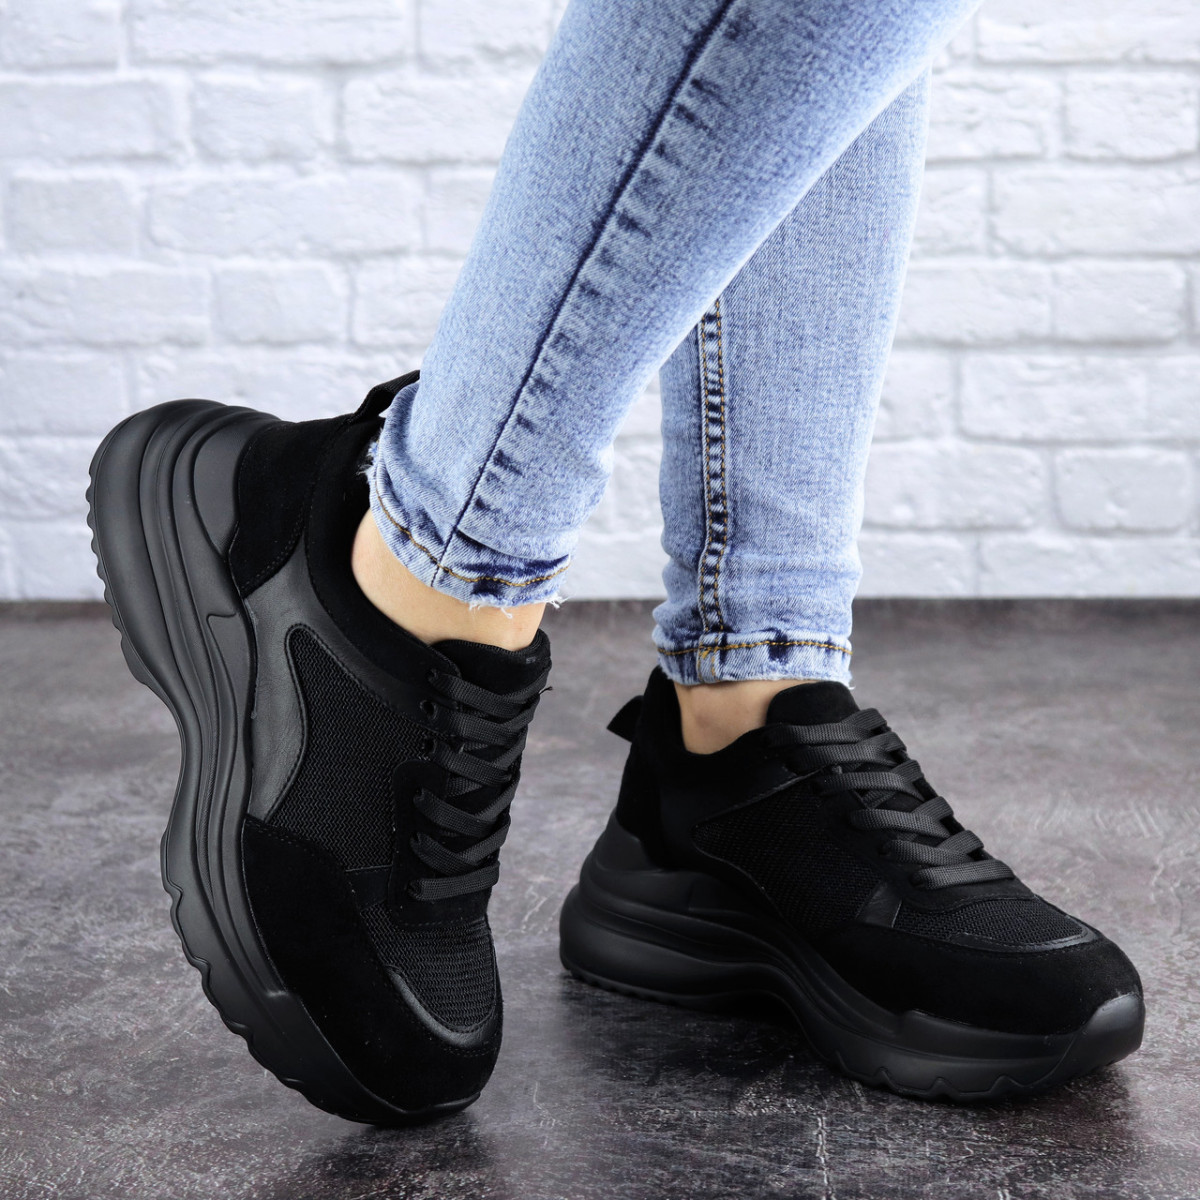 Женские кроссовки Fashion Mishu 2041 37 размер 23,5 см Черный